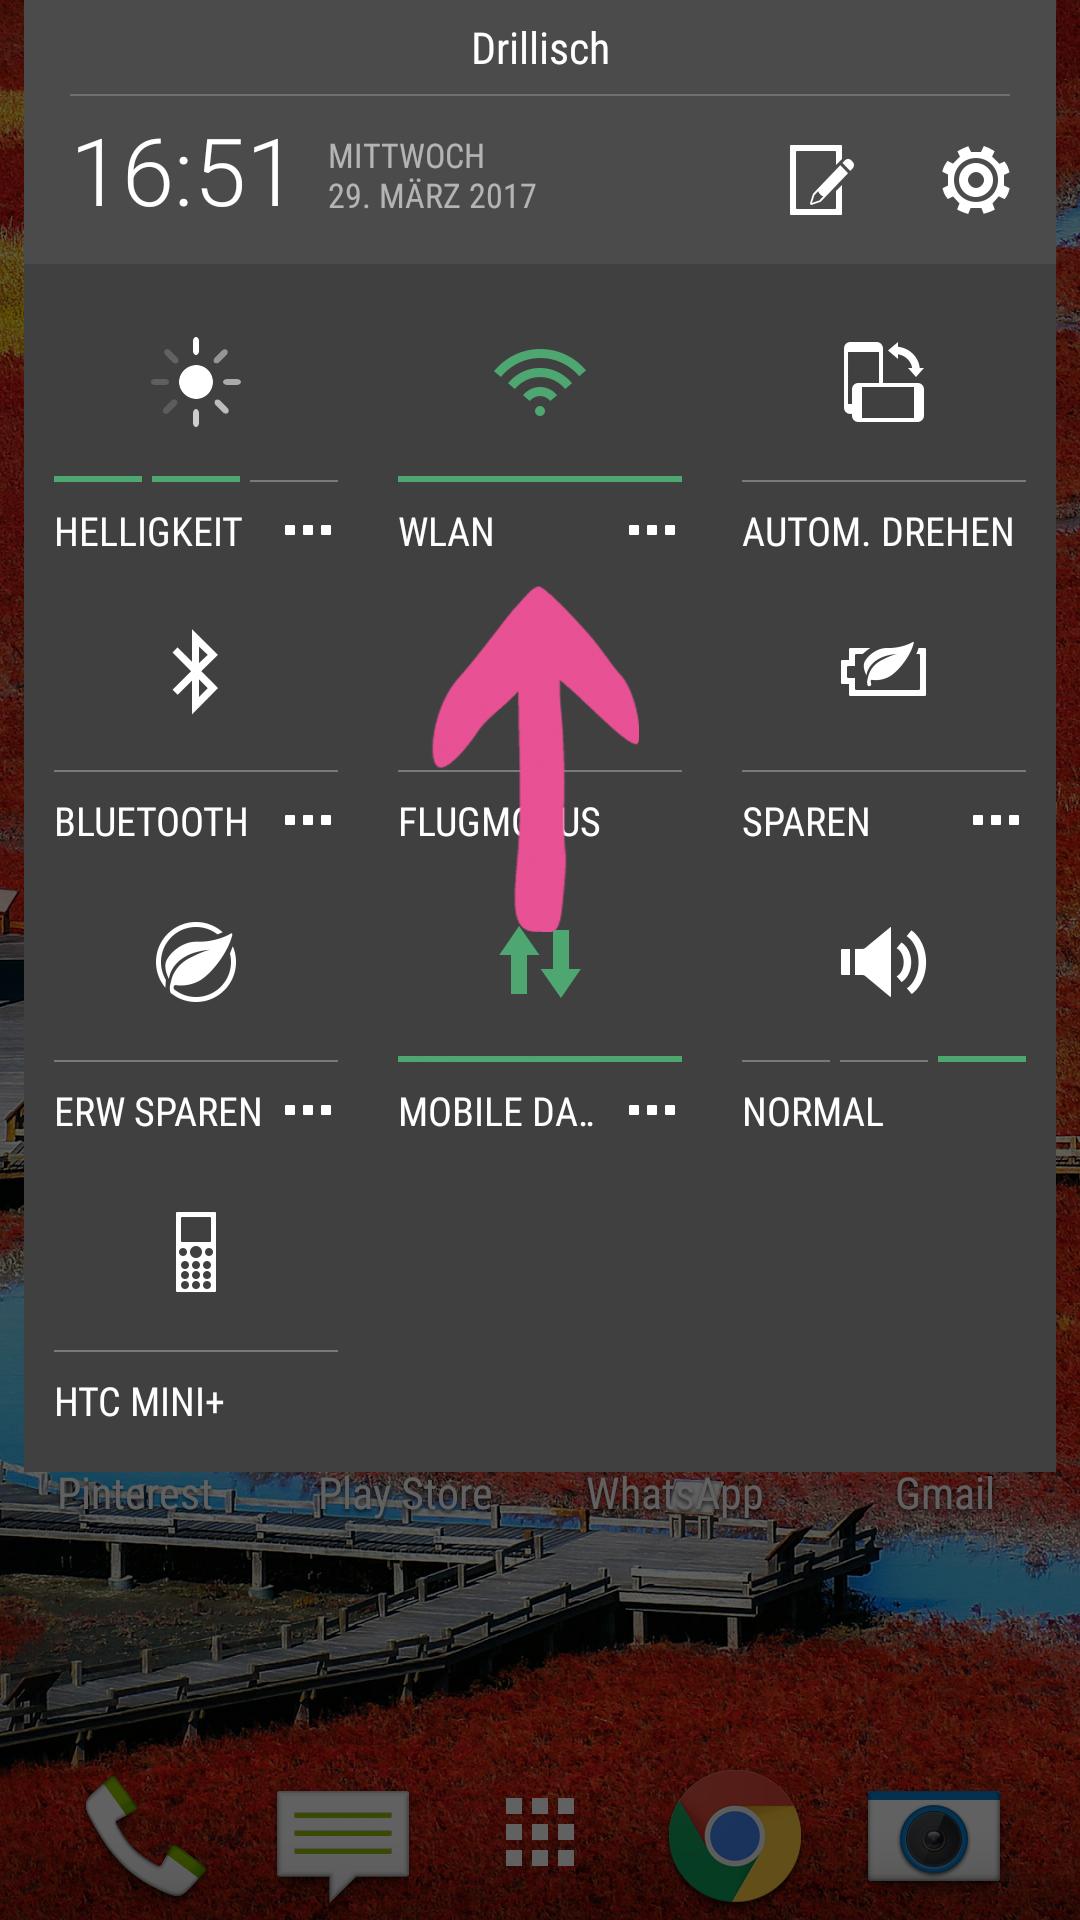 Youporn funktioniert au iphone nicht mehr